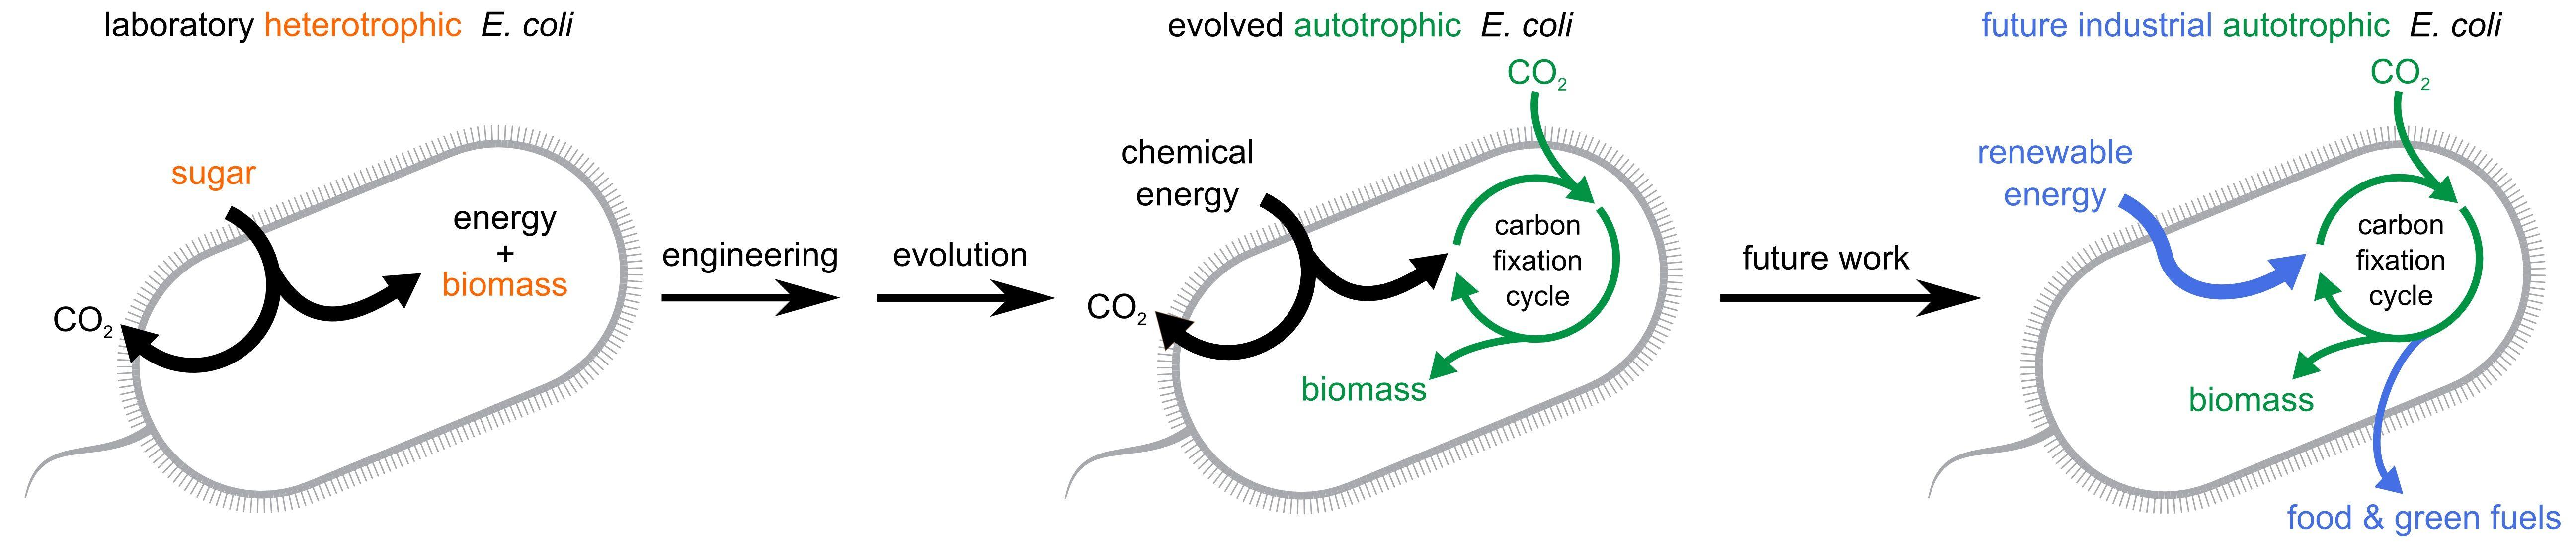 E coli Bacteria eats CO2